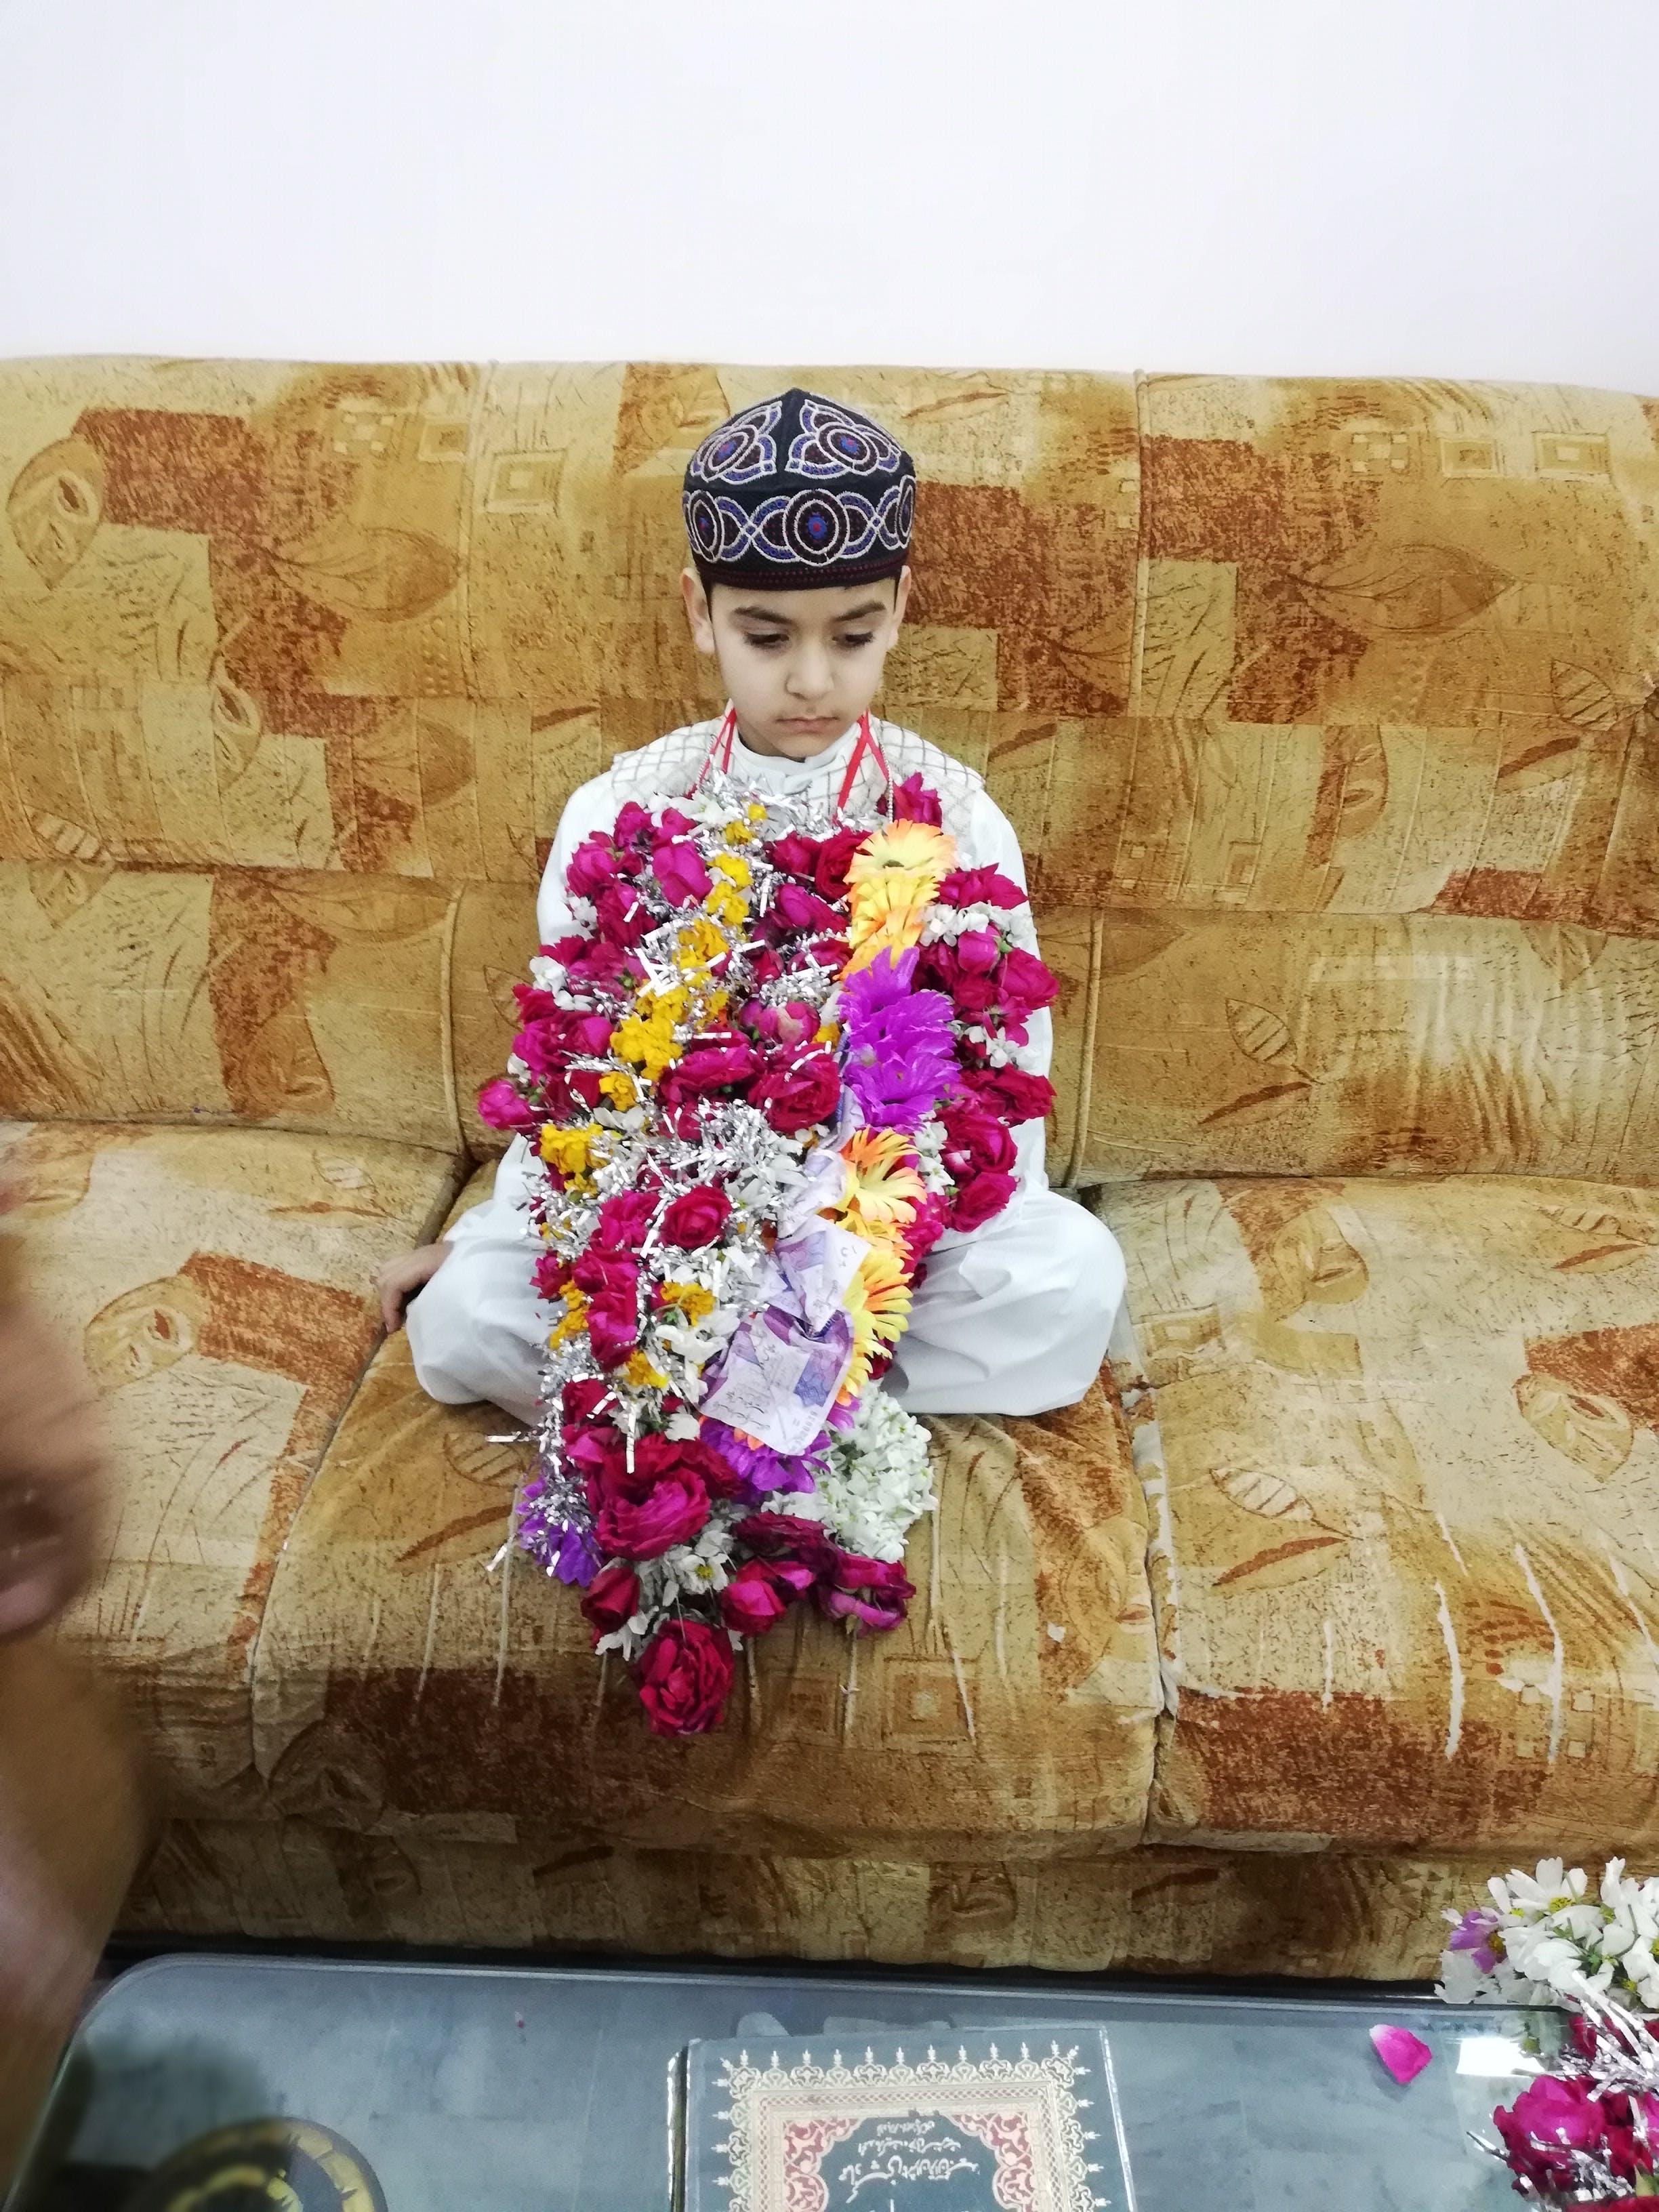 Kostenloses Stock Foto zu muslimisches kind